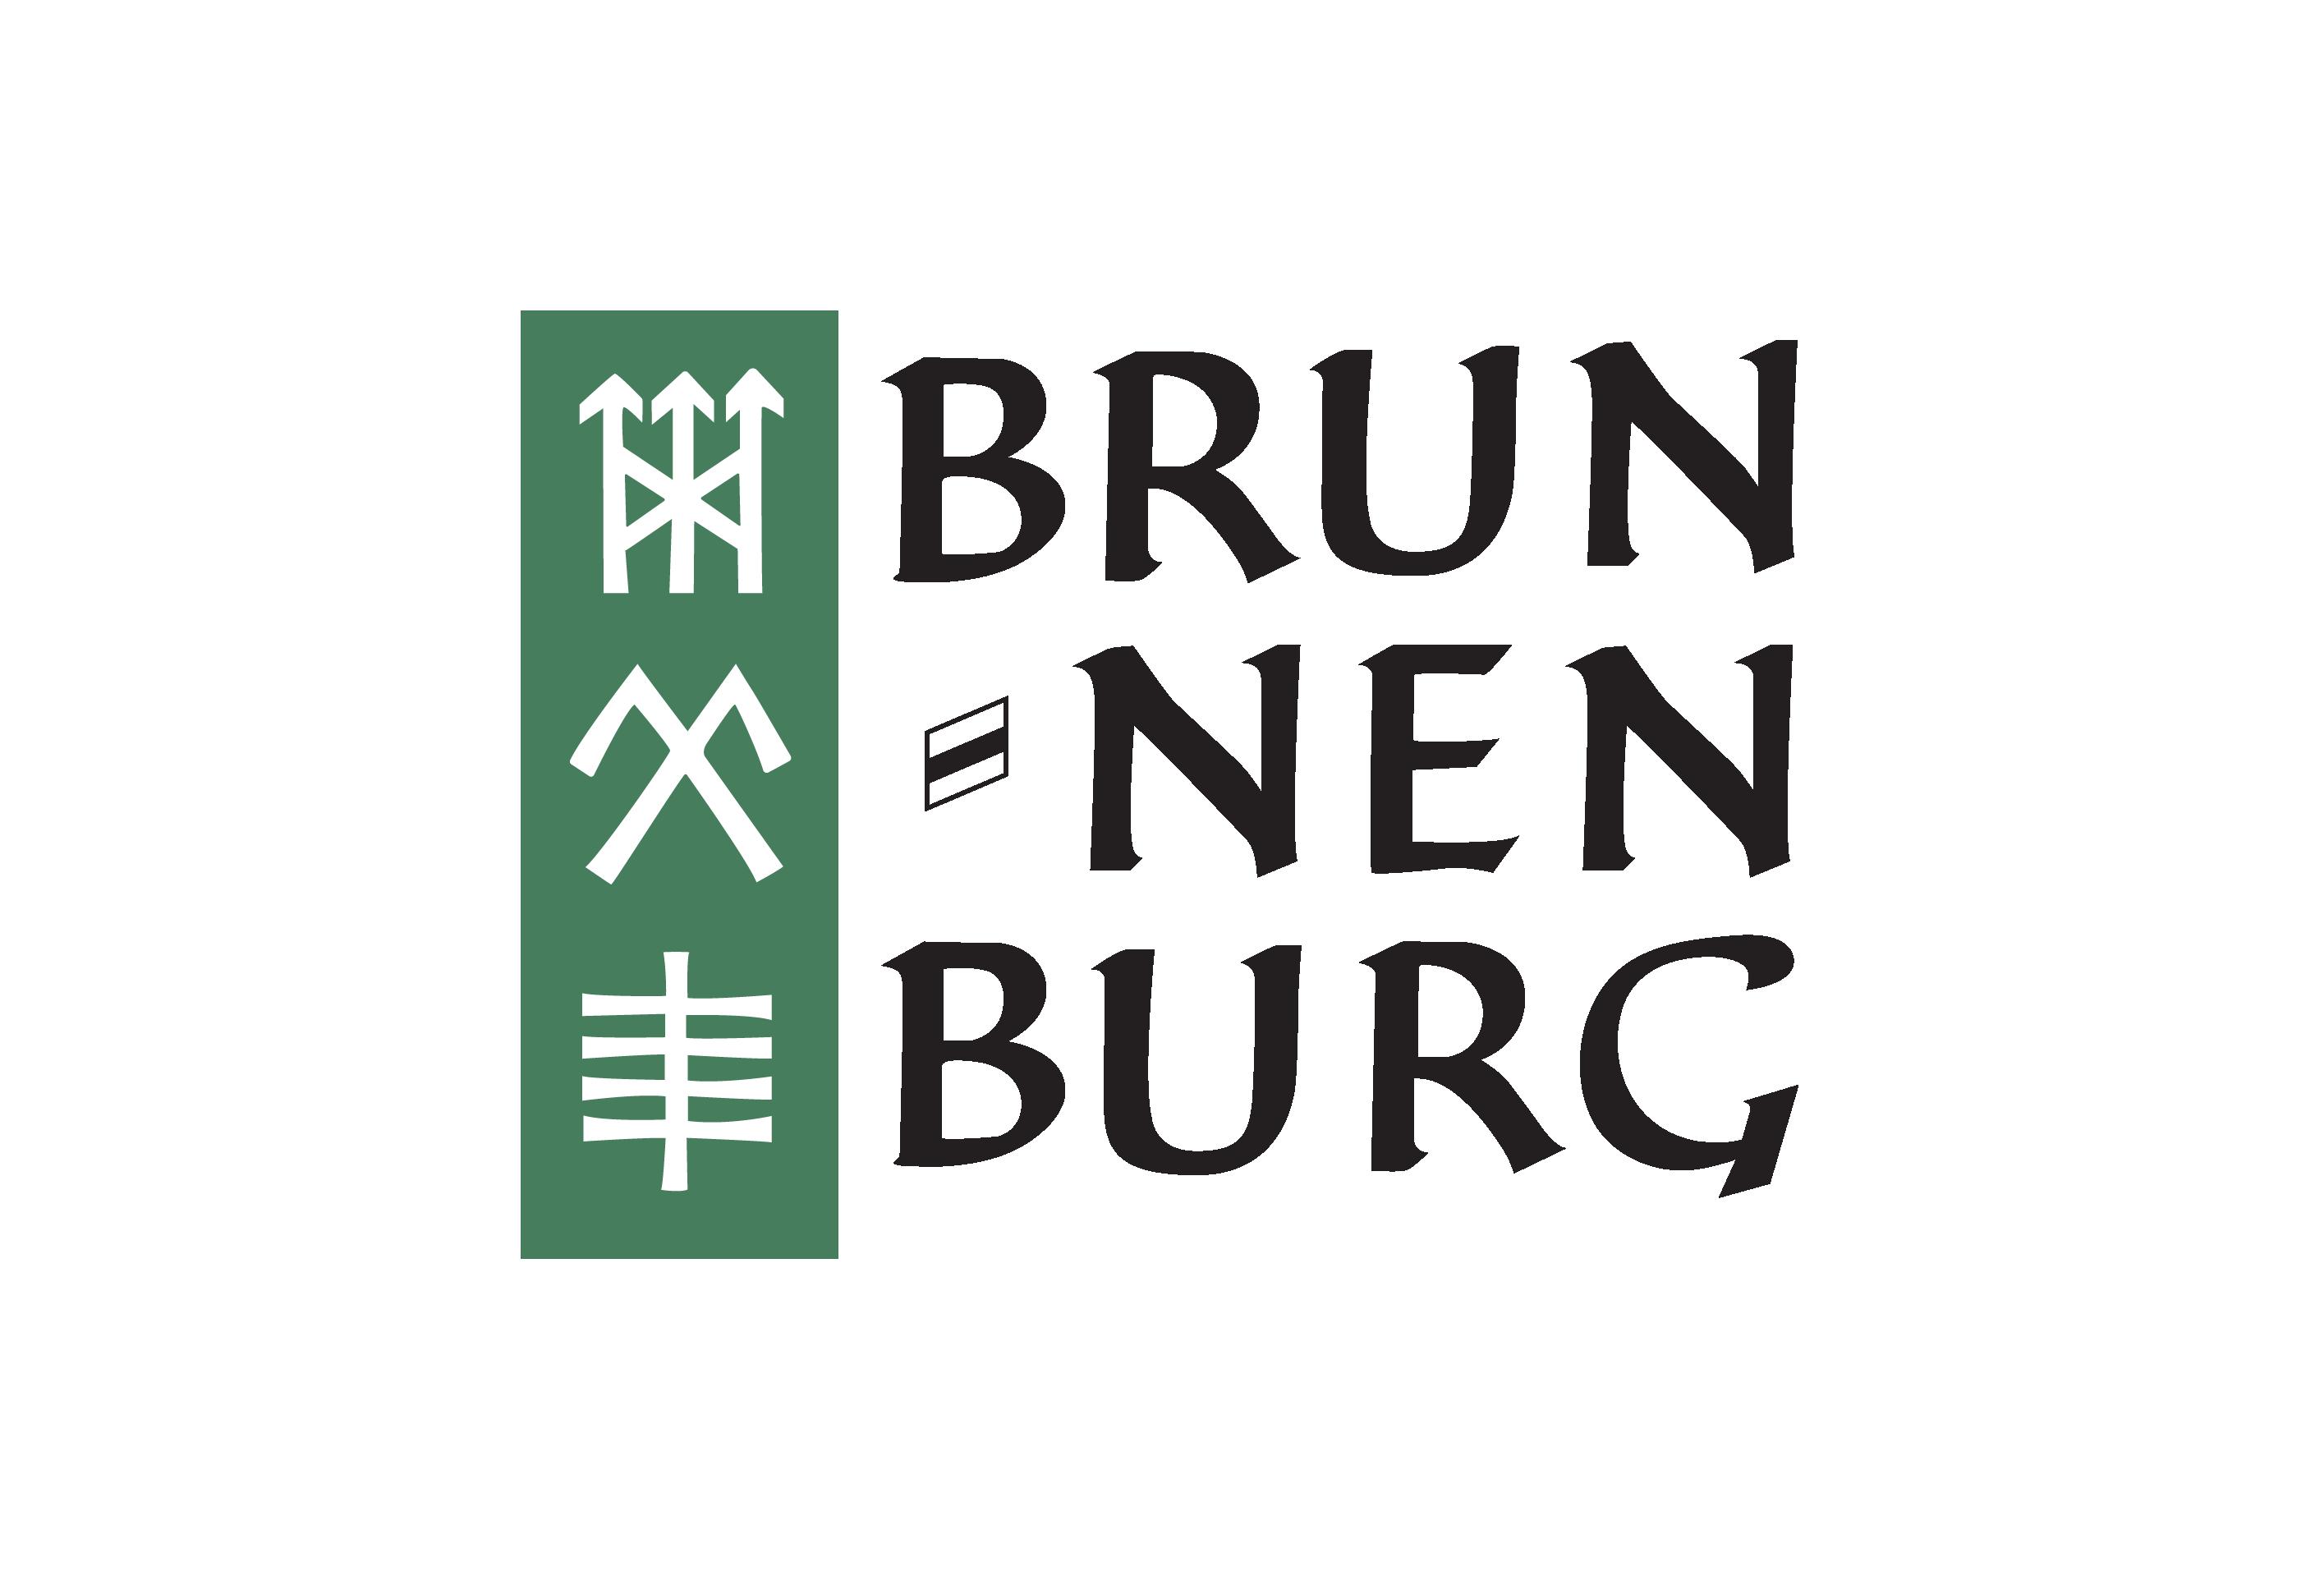 Bb_DAS_Logopng